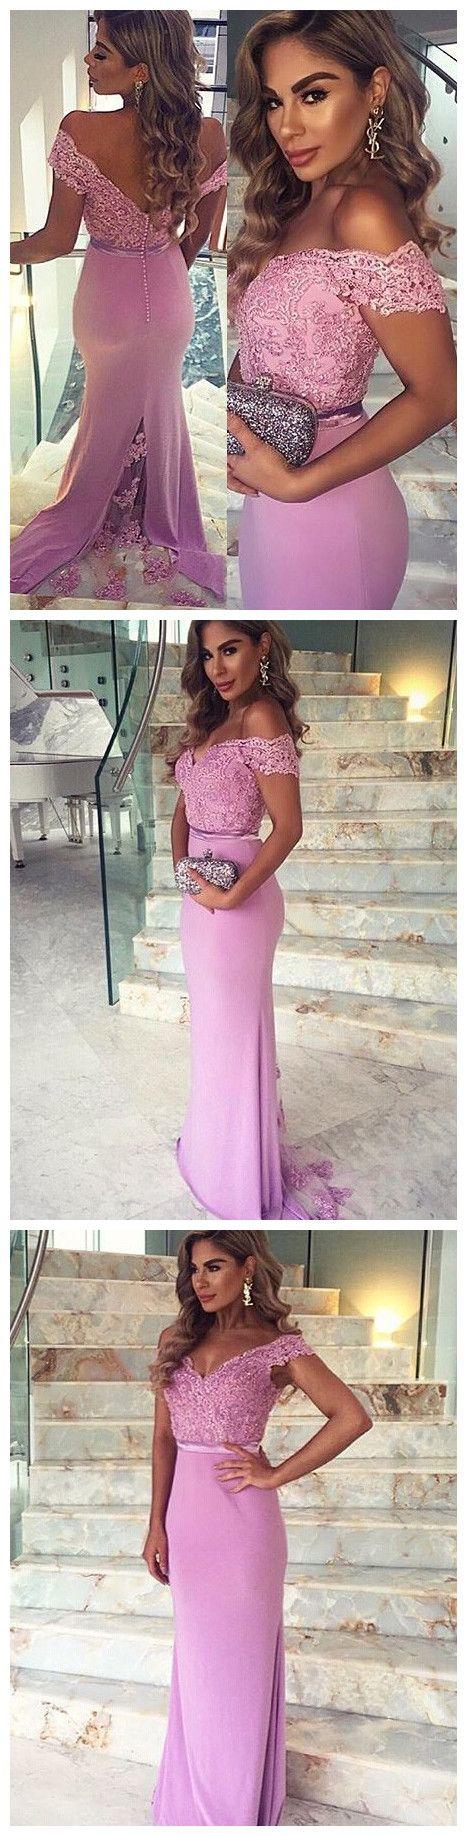 Mejores 20 imágenes de vestidos ara en Pinterest | Moda femenina ...